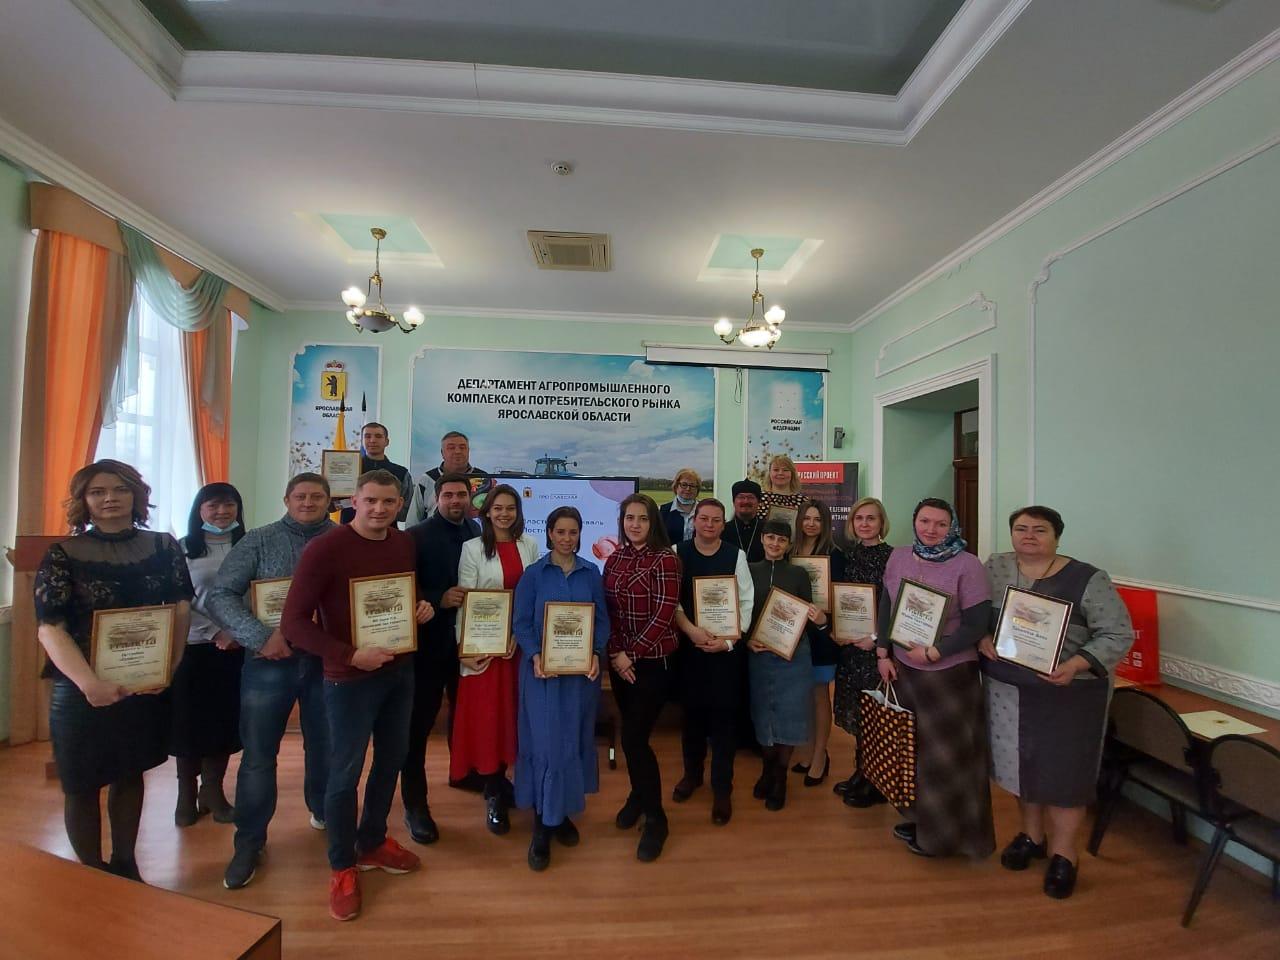 Более 5 тысяч человек из разных стран стали участниками областного онлайн-фестиваля постной кухни